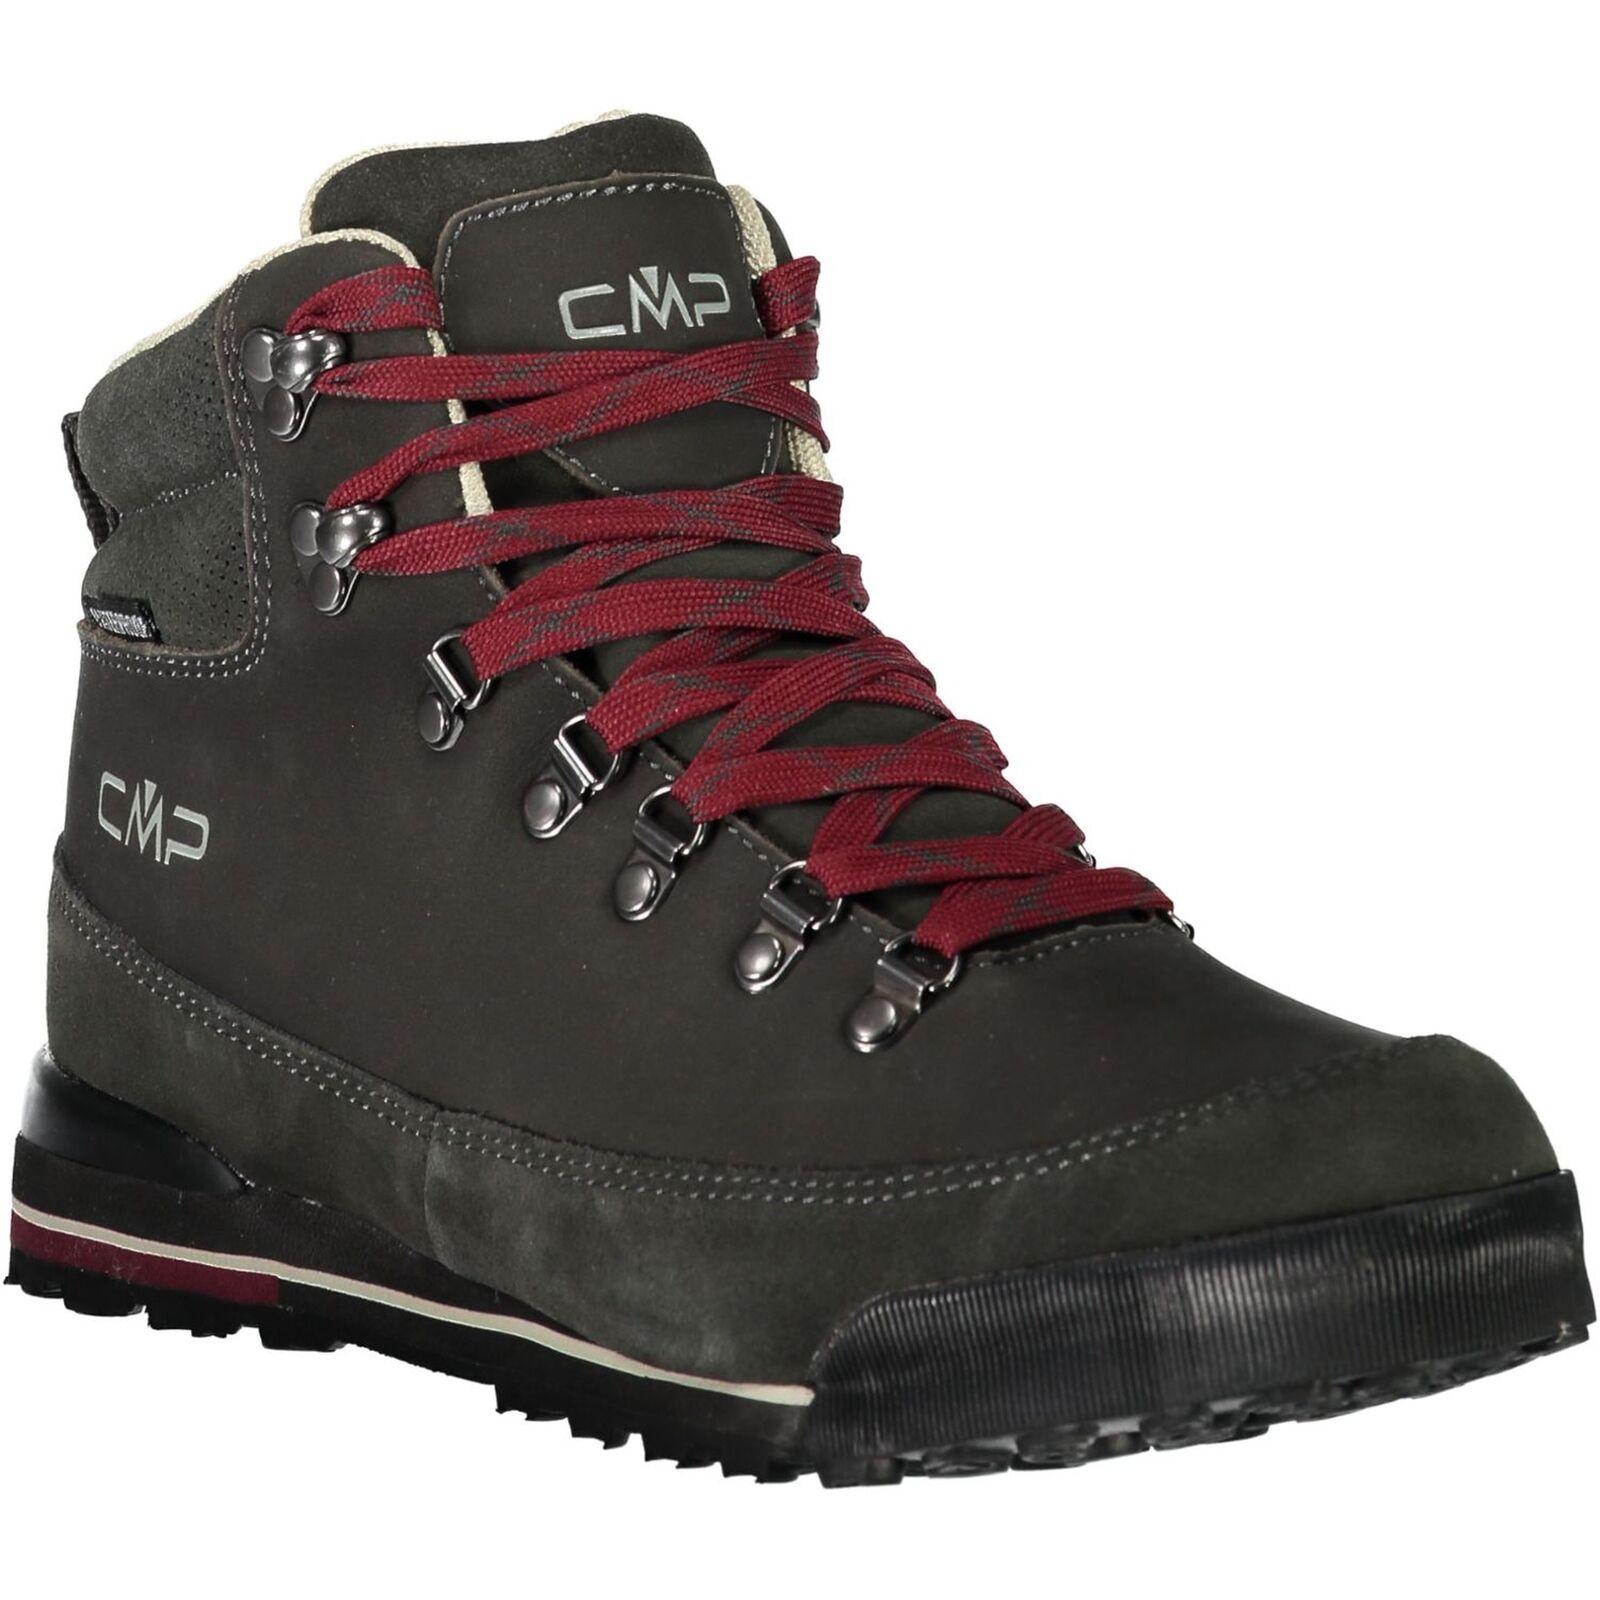 CMP shoes Walking Leisure Meissa Trekking WP Grey  Waterproof  outlet